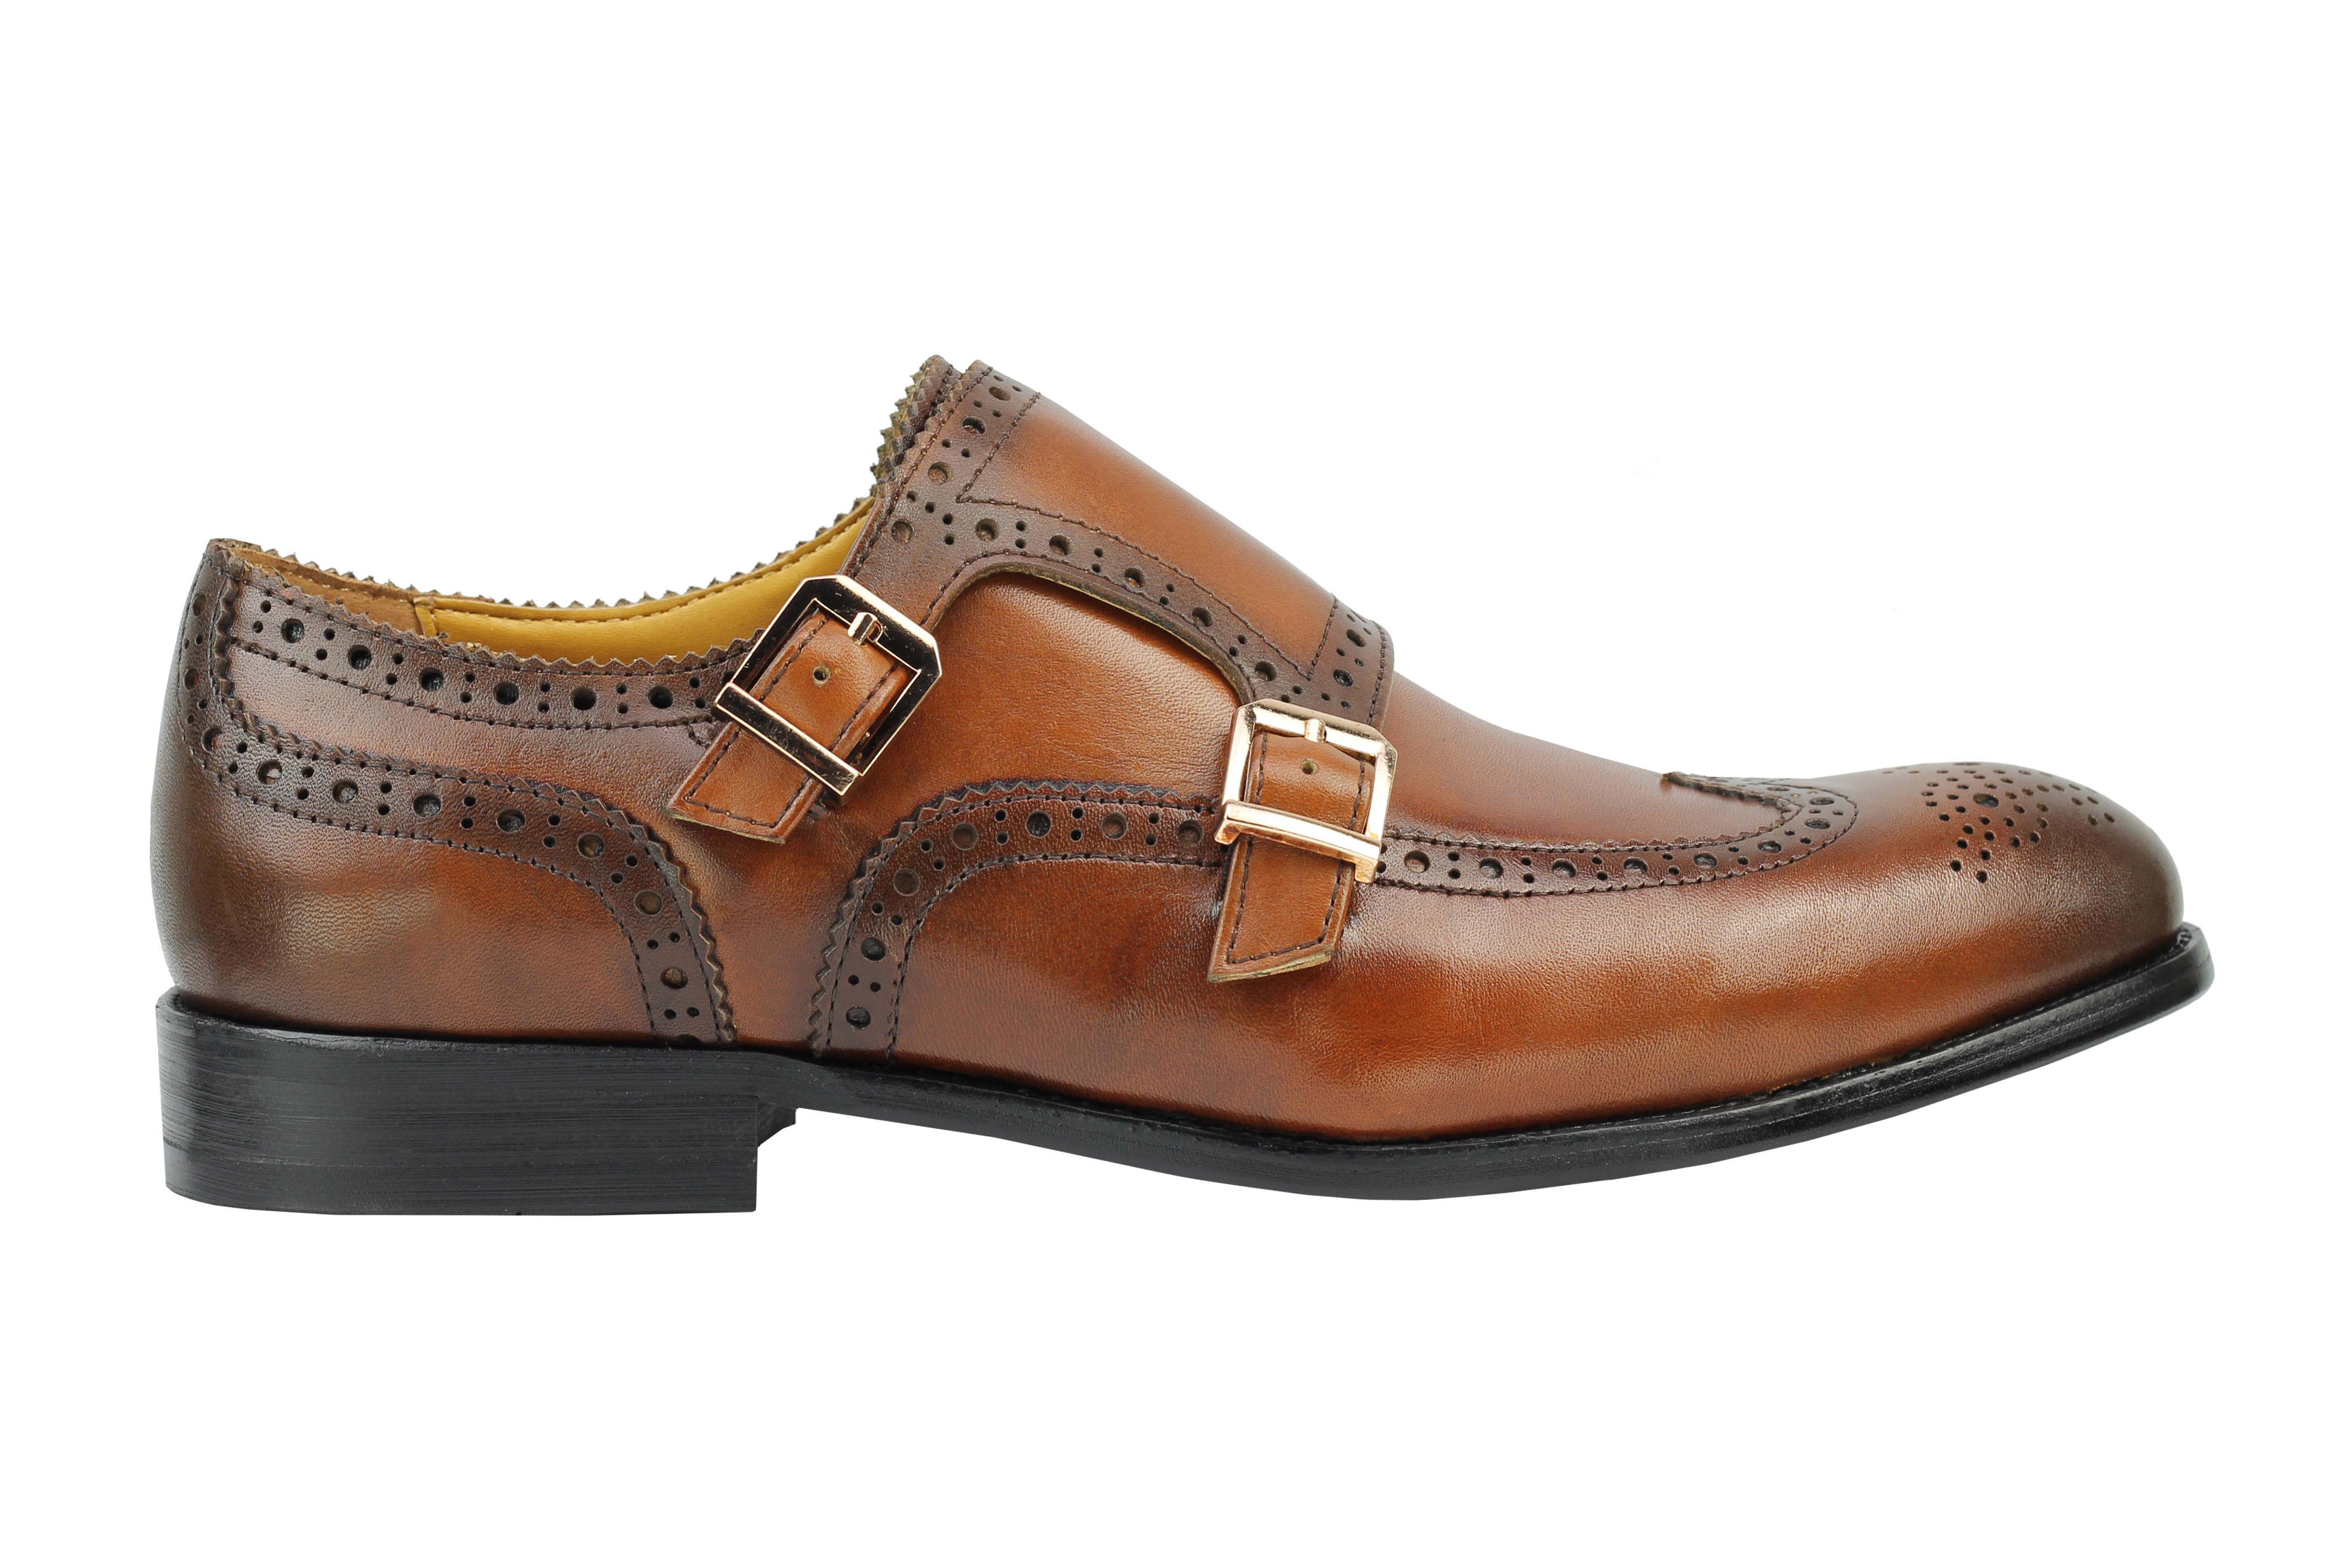 Vintage-pour-homme-Noir-Marron-En-Cuir-Veritable-Richelieu-a-Moine-Chaussures-elegant-Formel-Lacet miniature 11